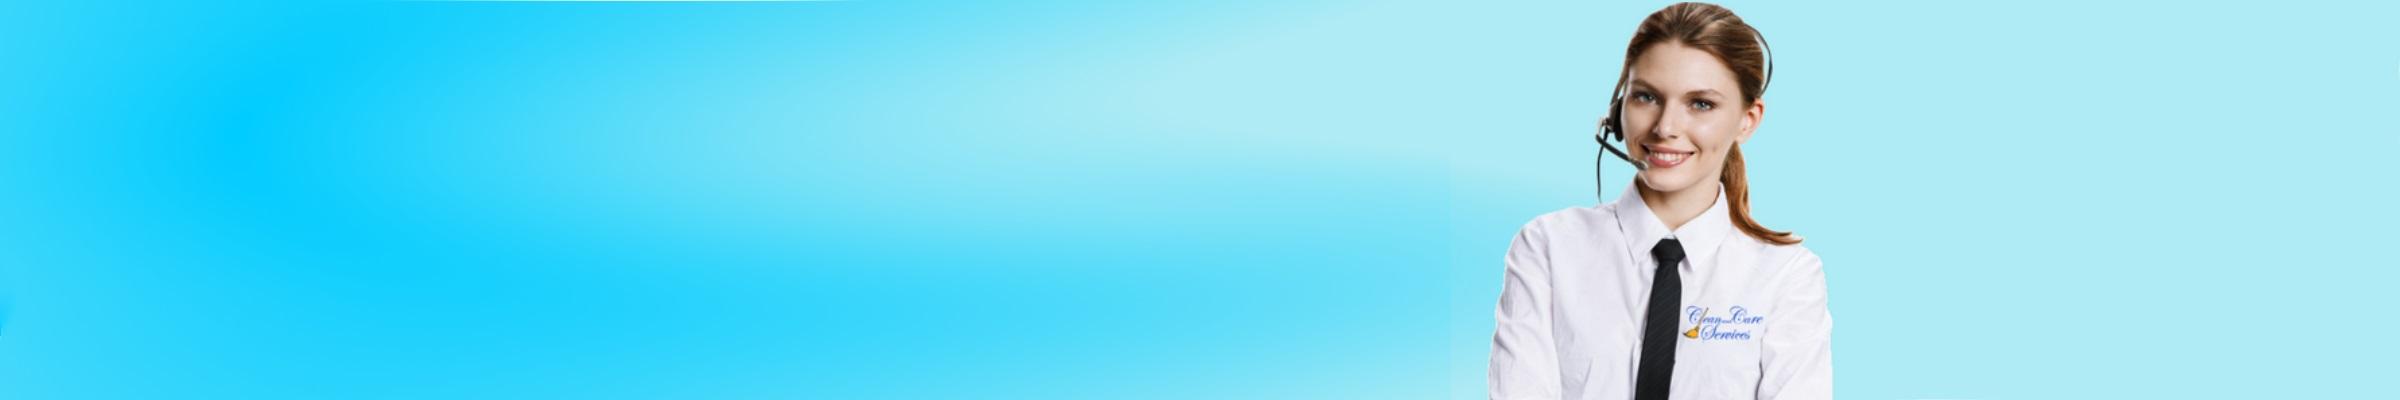 banner_2400x400_8